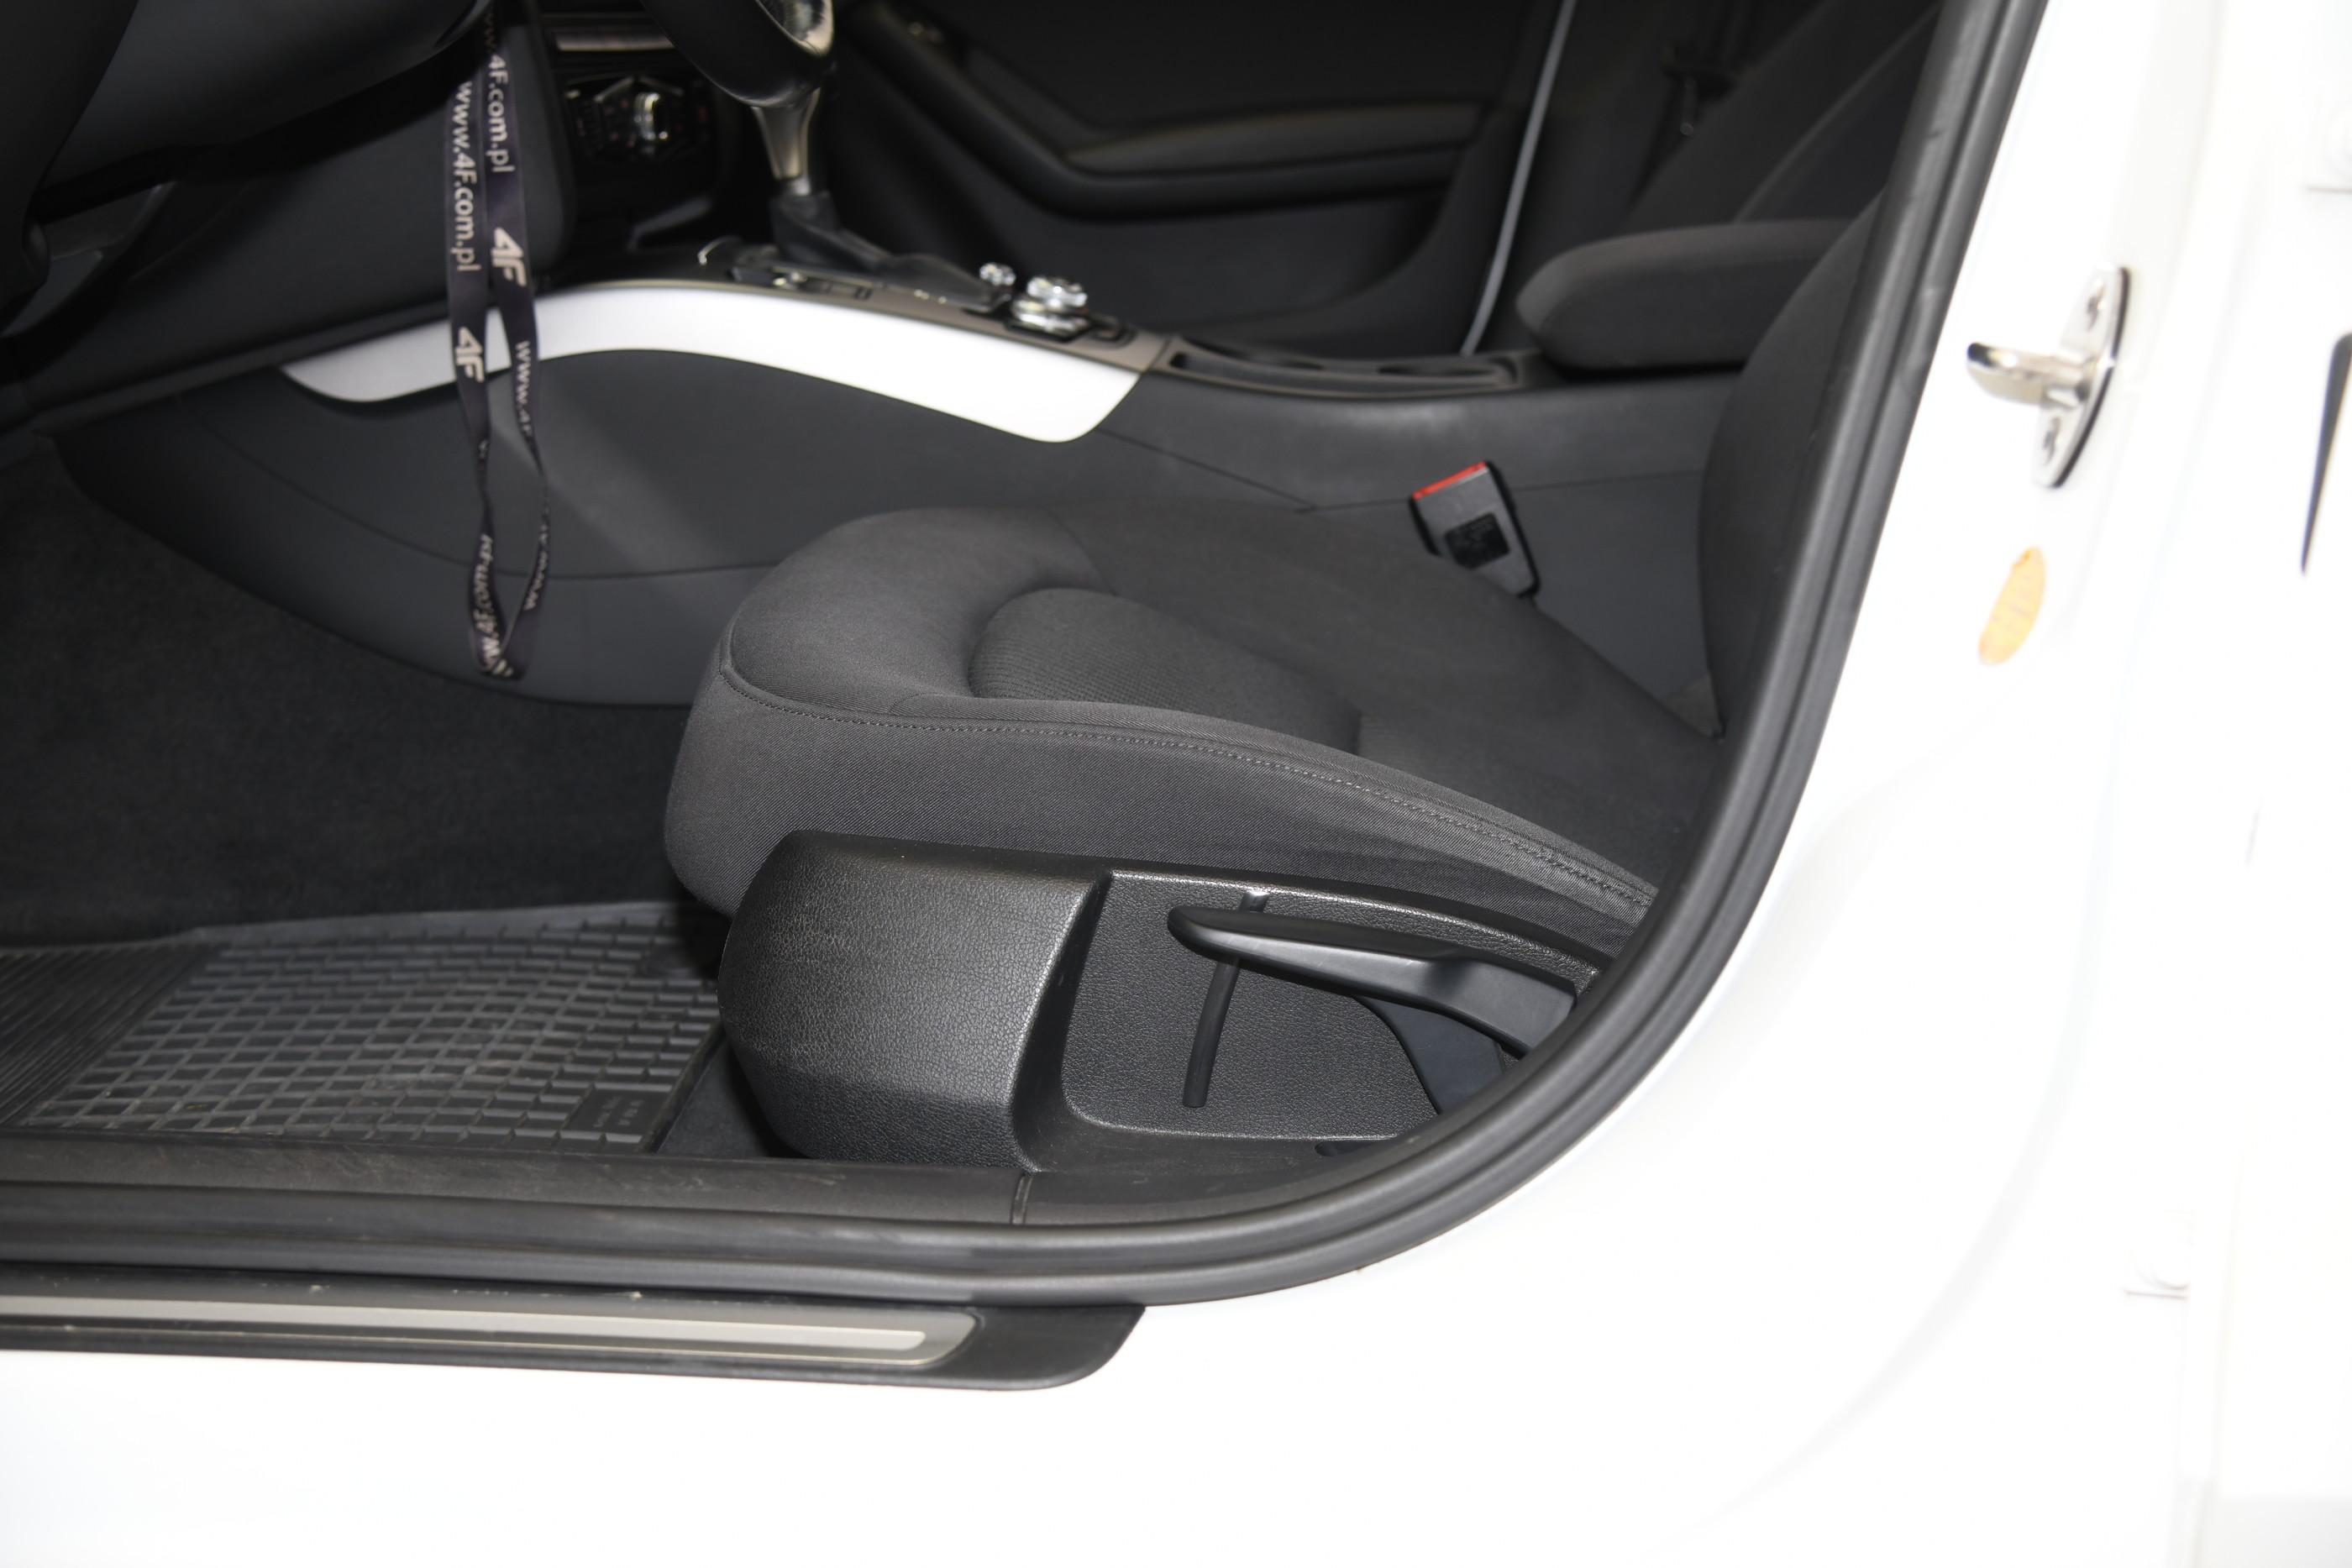 Audi A4 3.0 TDI Automatas